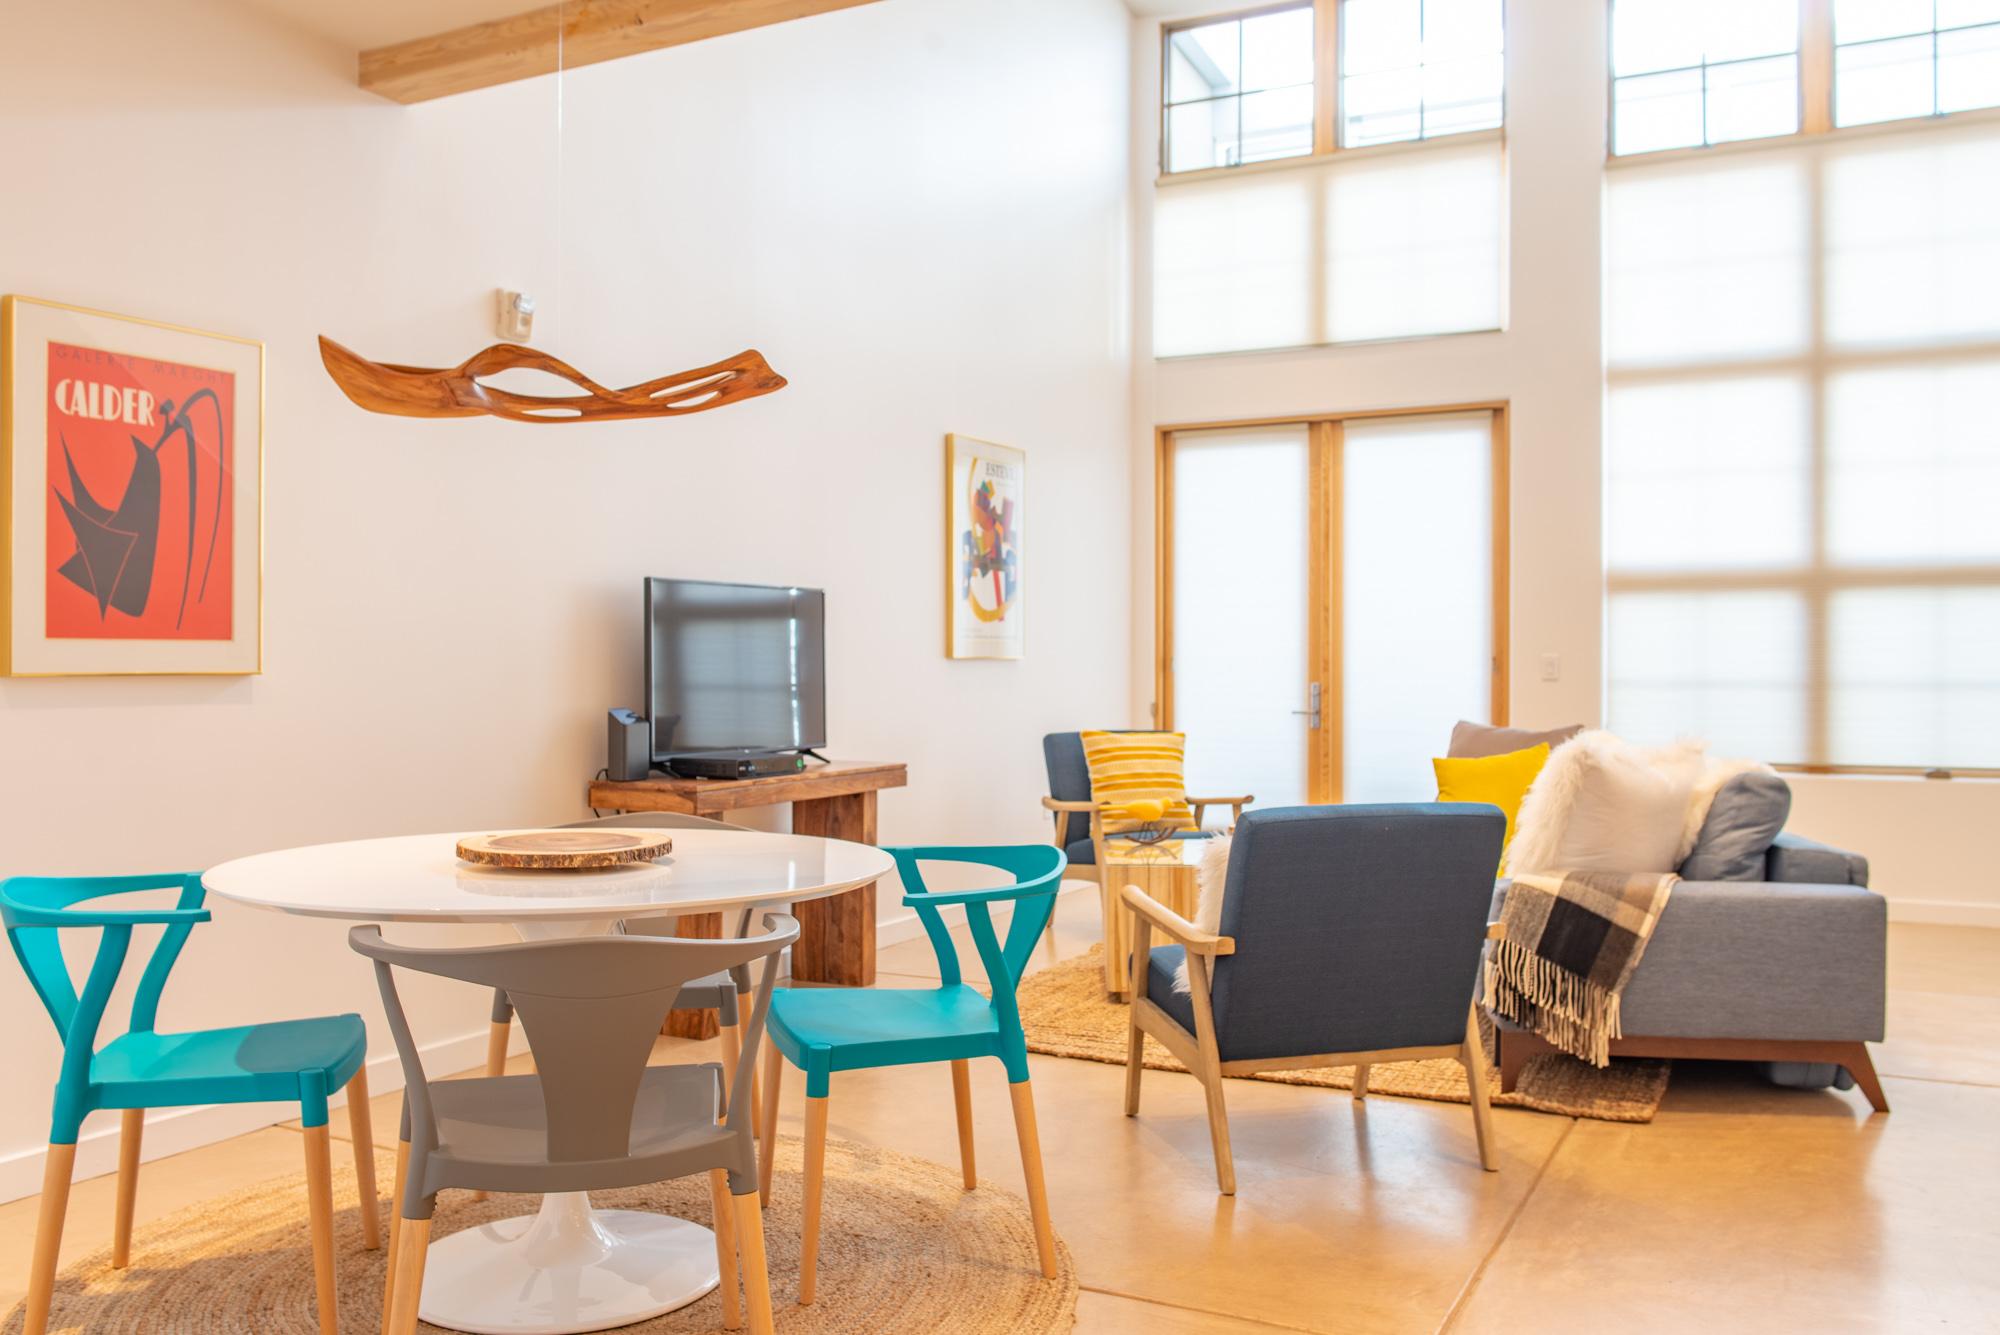 artyard-lofts-social-media-3205.jpg